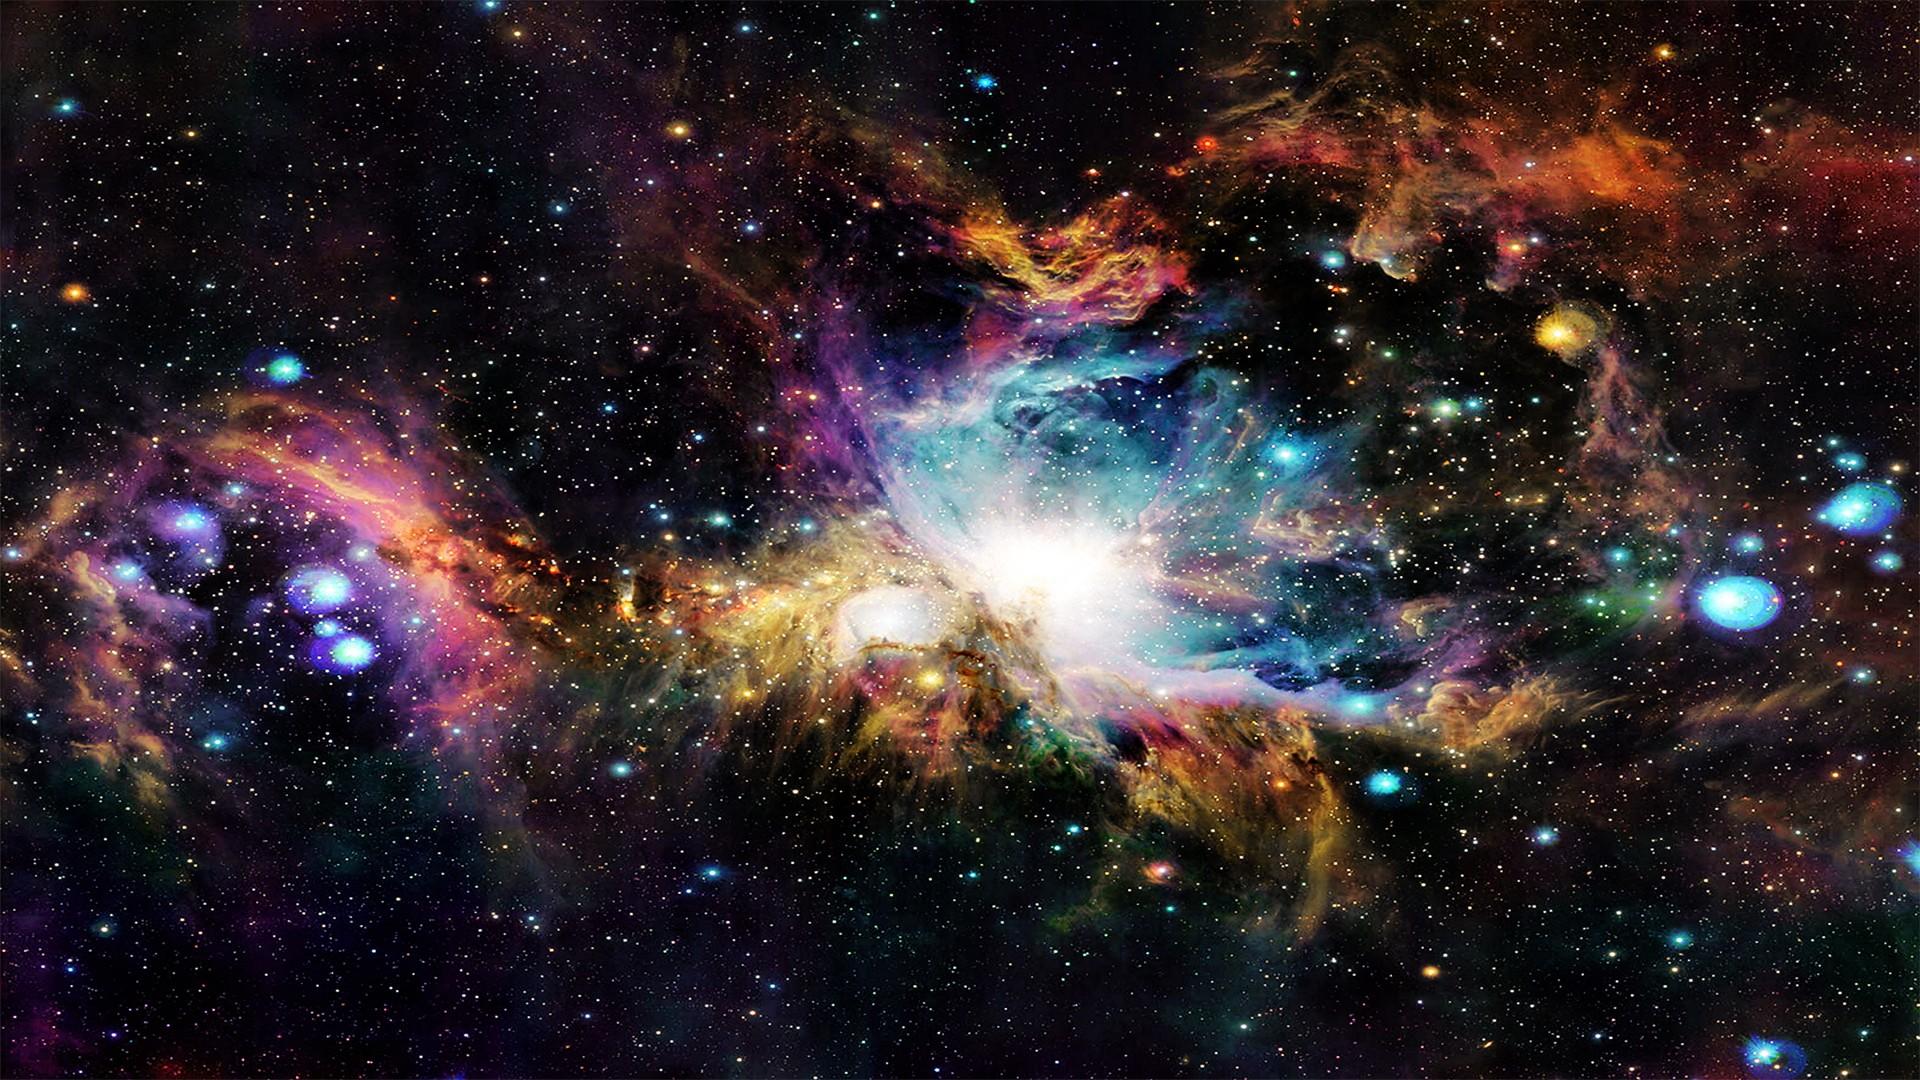 картинки космоса в хорошем качестве